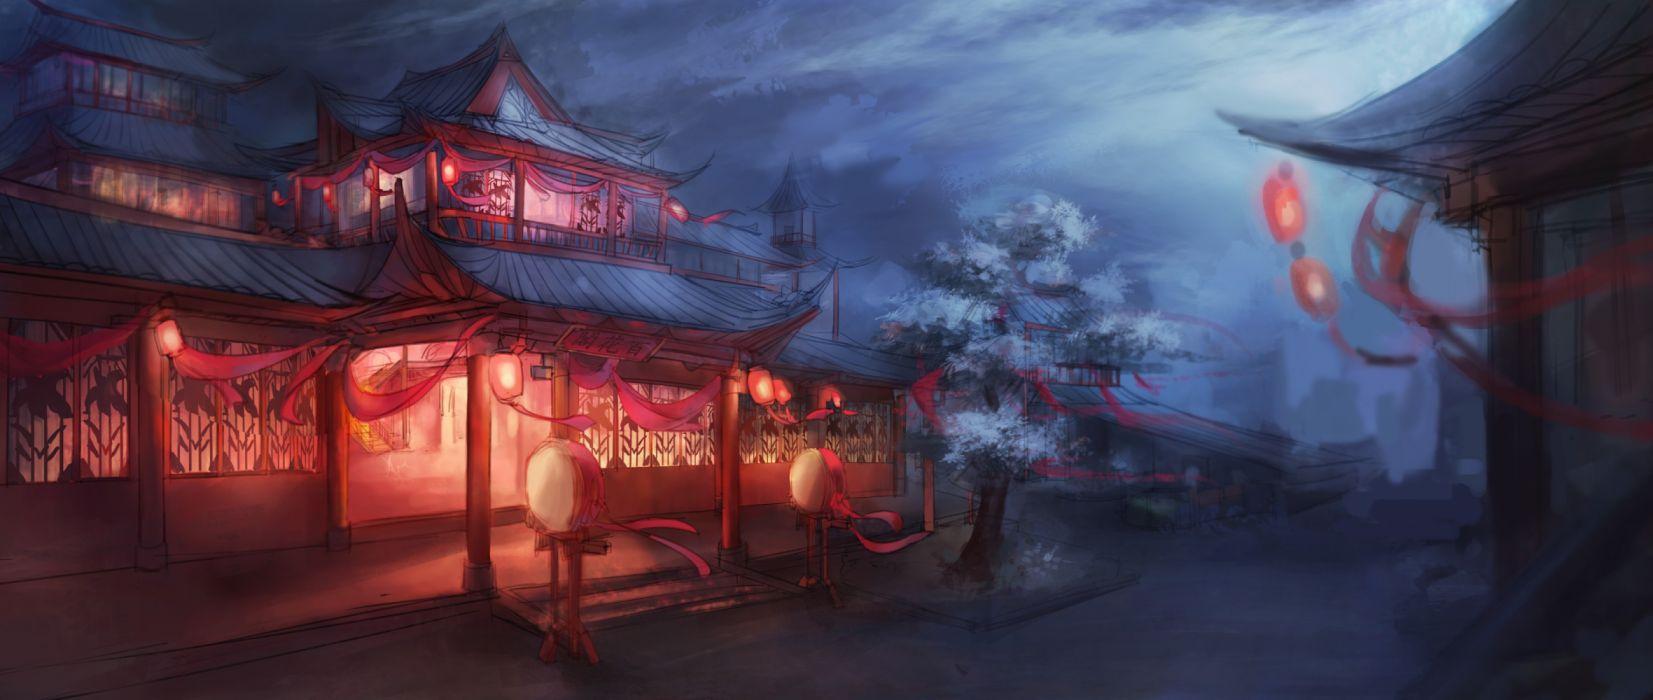 sakura fantasy art house night wallpaper